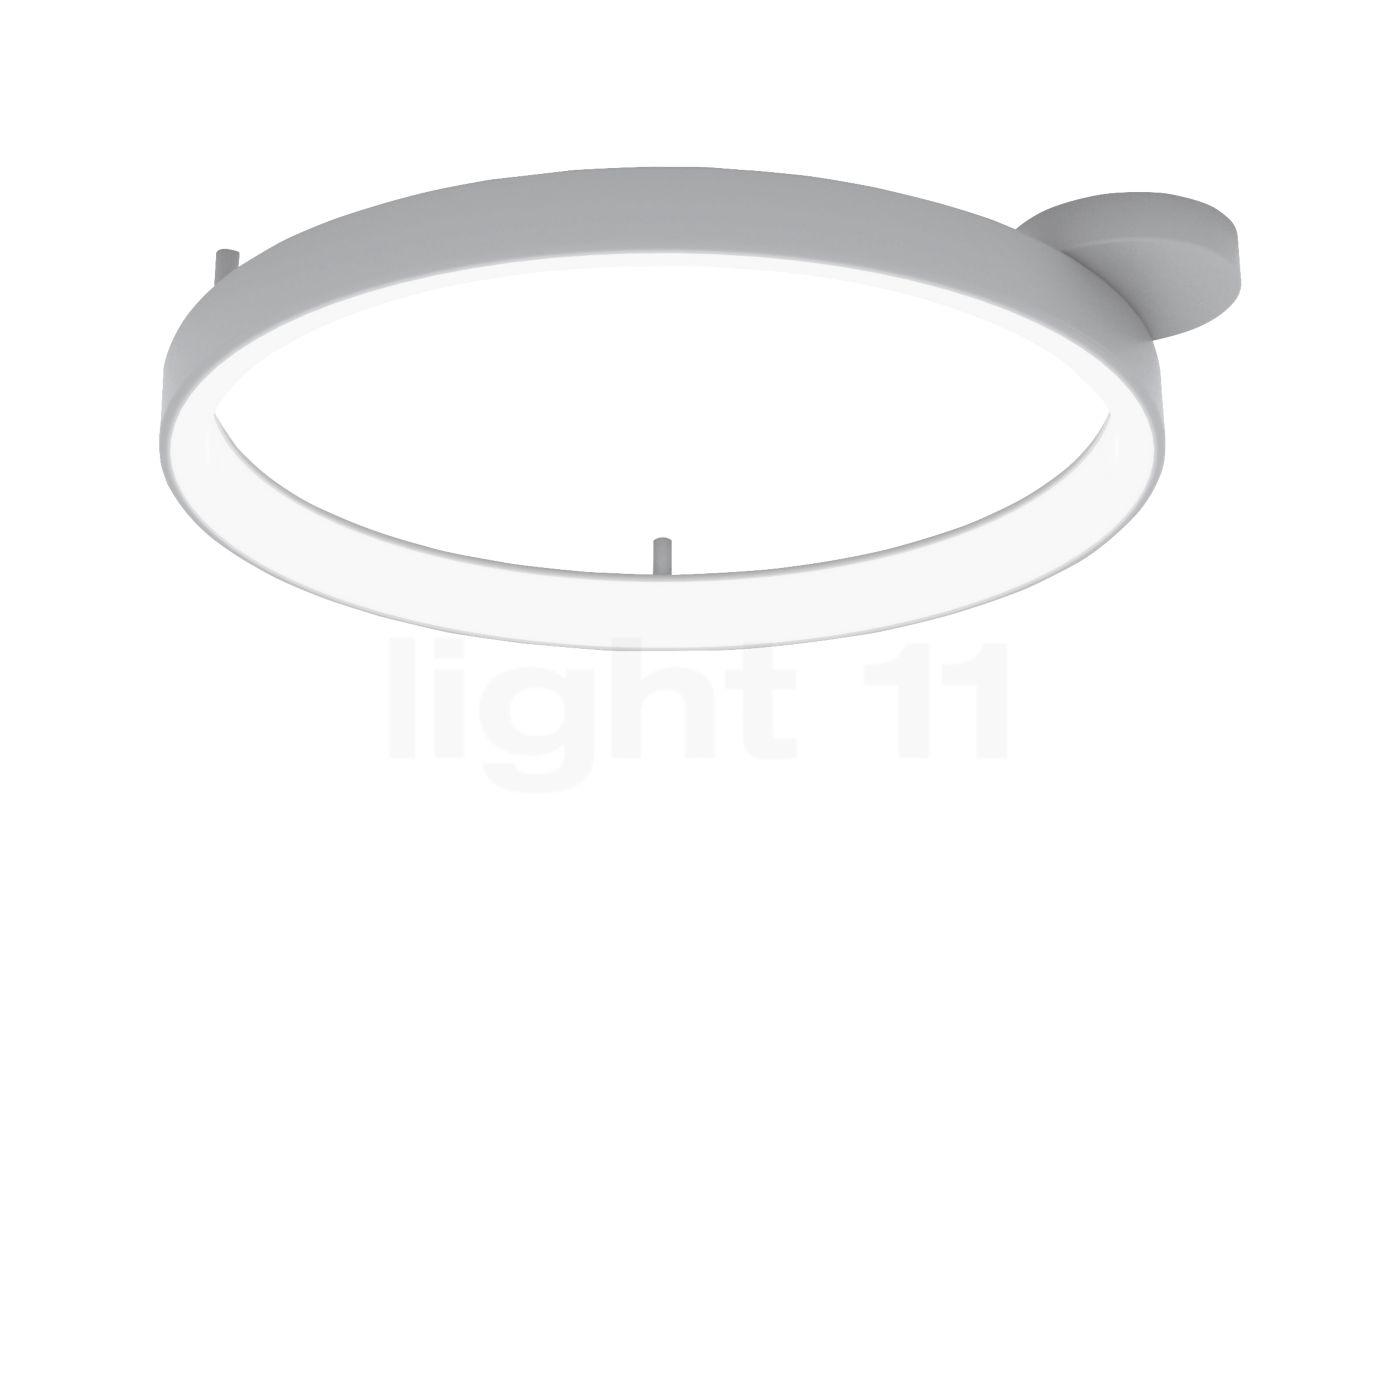 Moderne Martinelli Luce Lunaop Loftlampe LED på light11.dk KN42